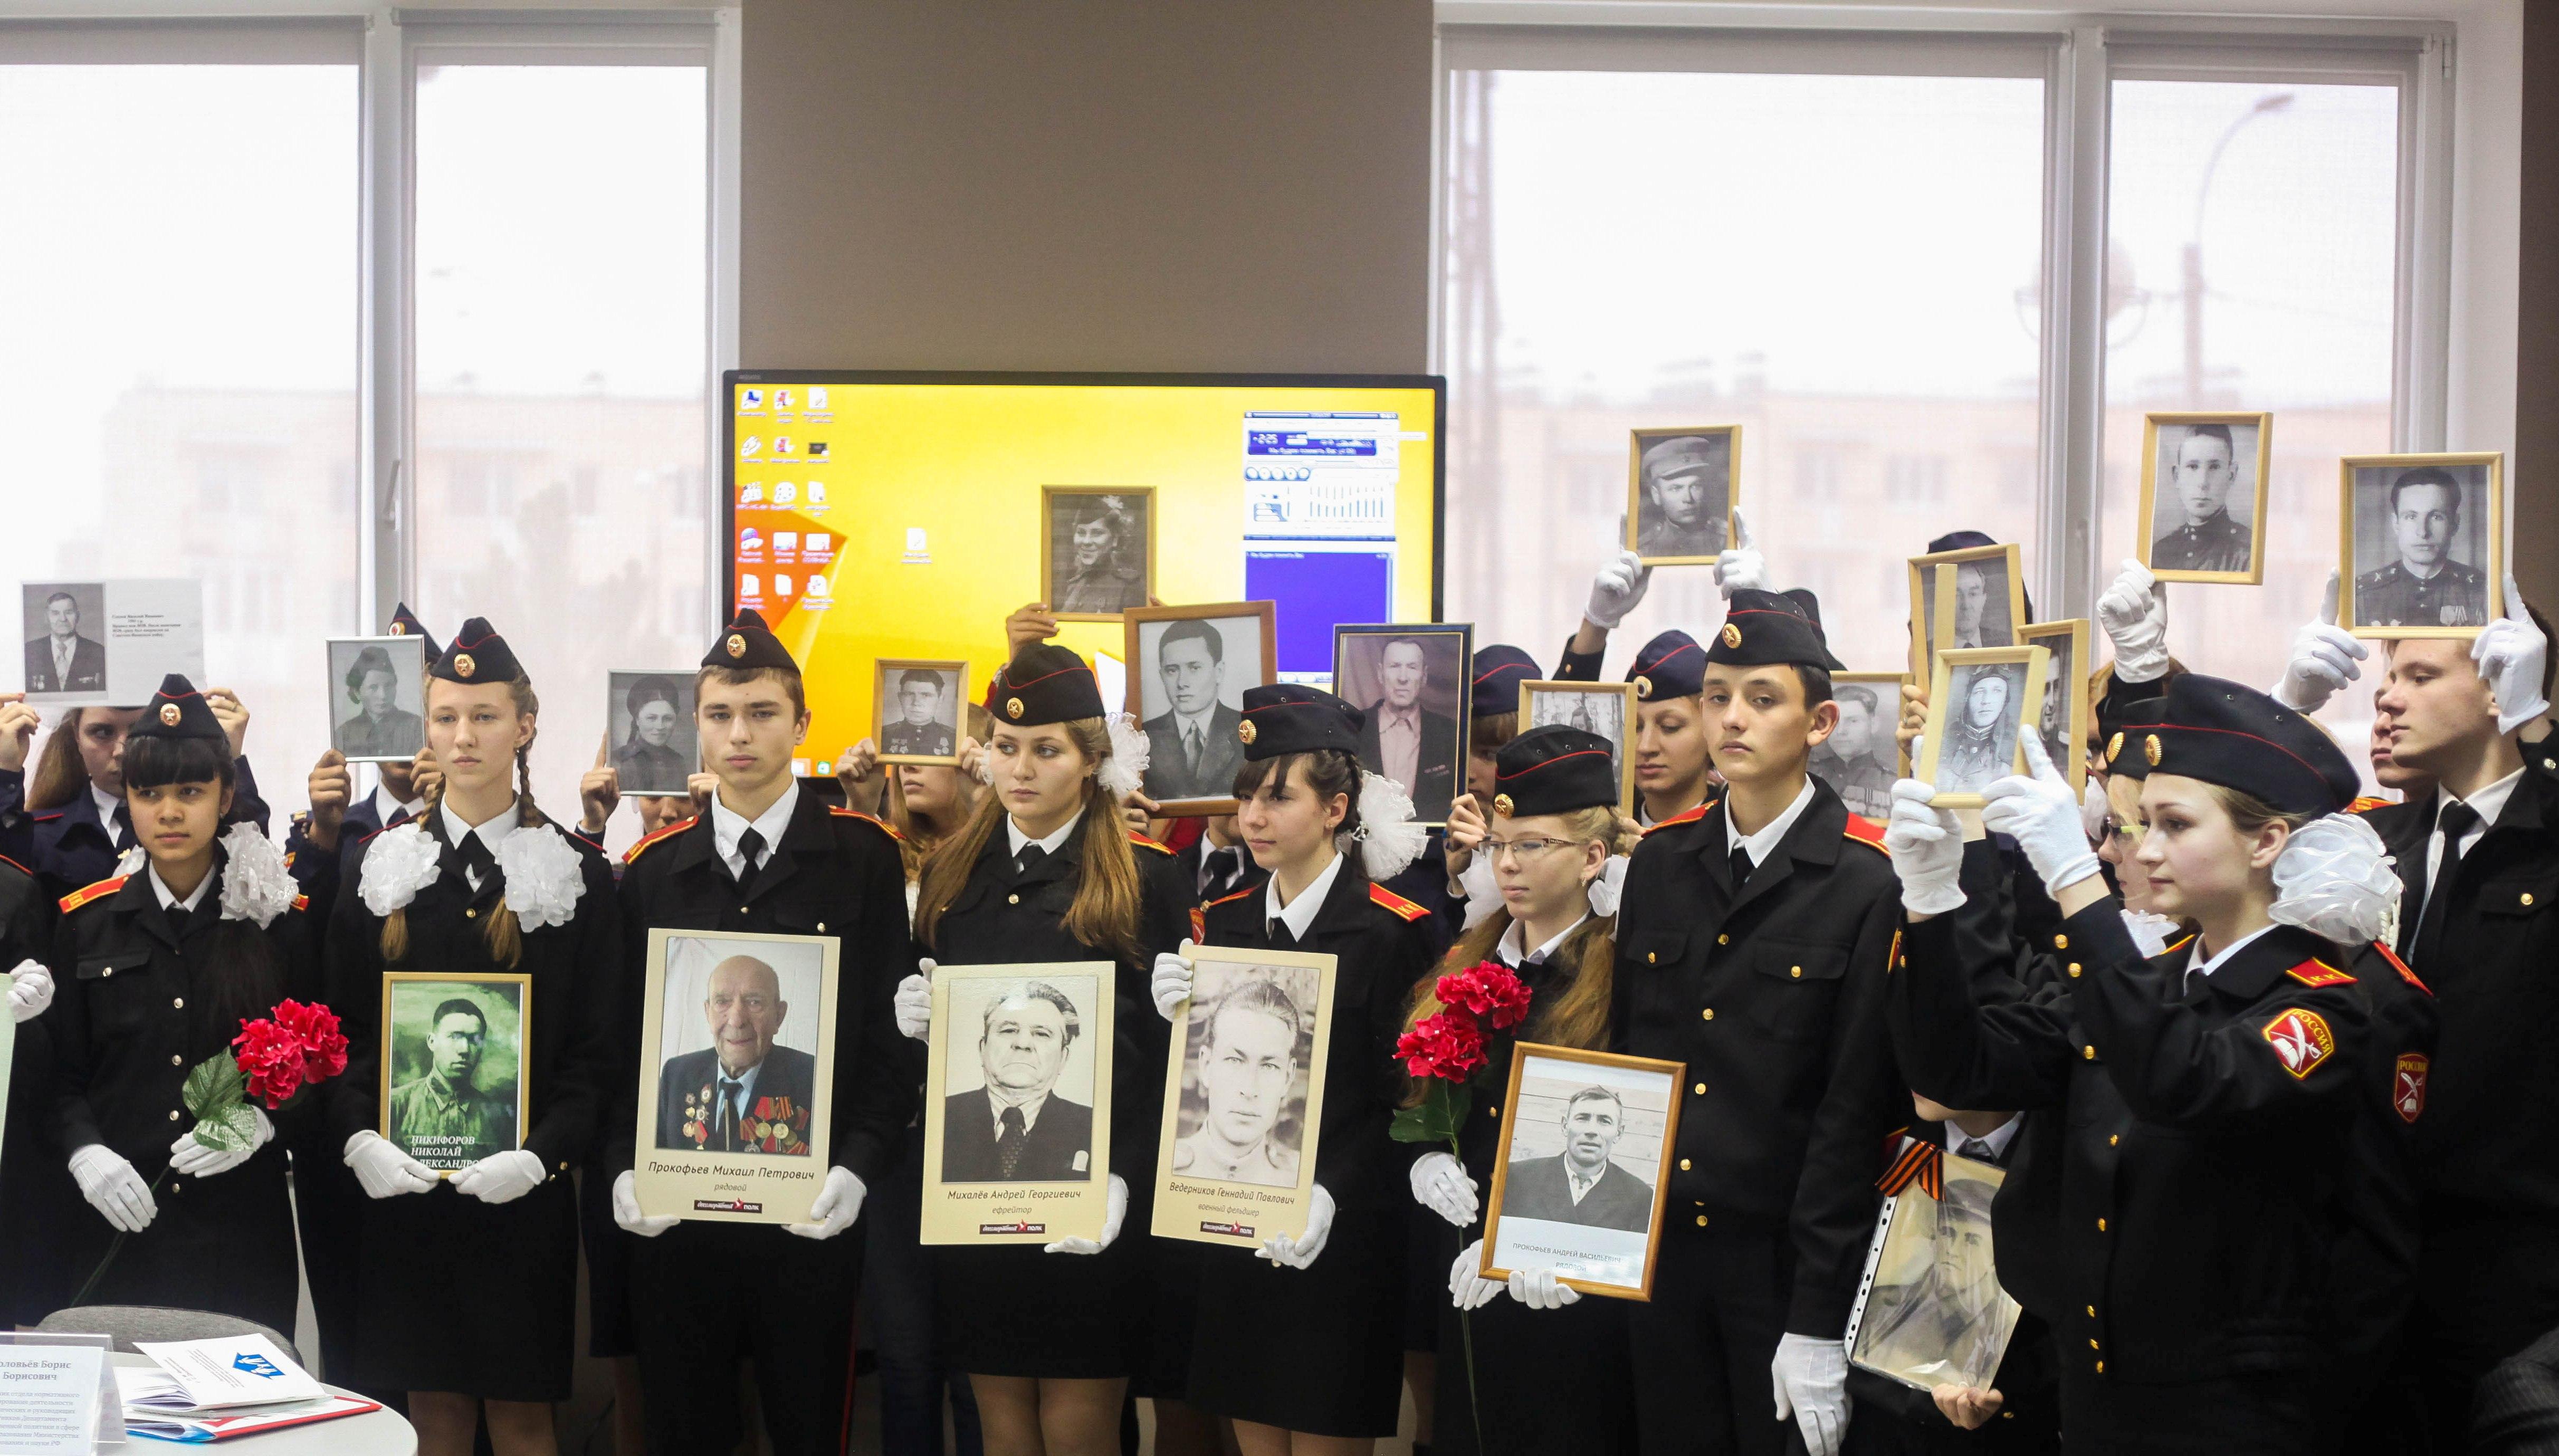 Мероприятия в школе по гражданско патриотическому воспитанию в